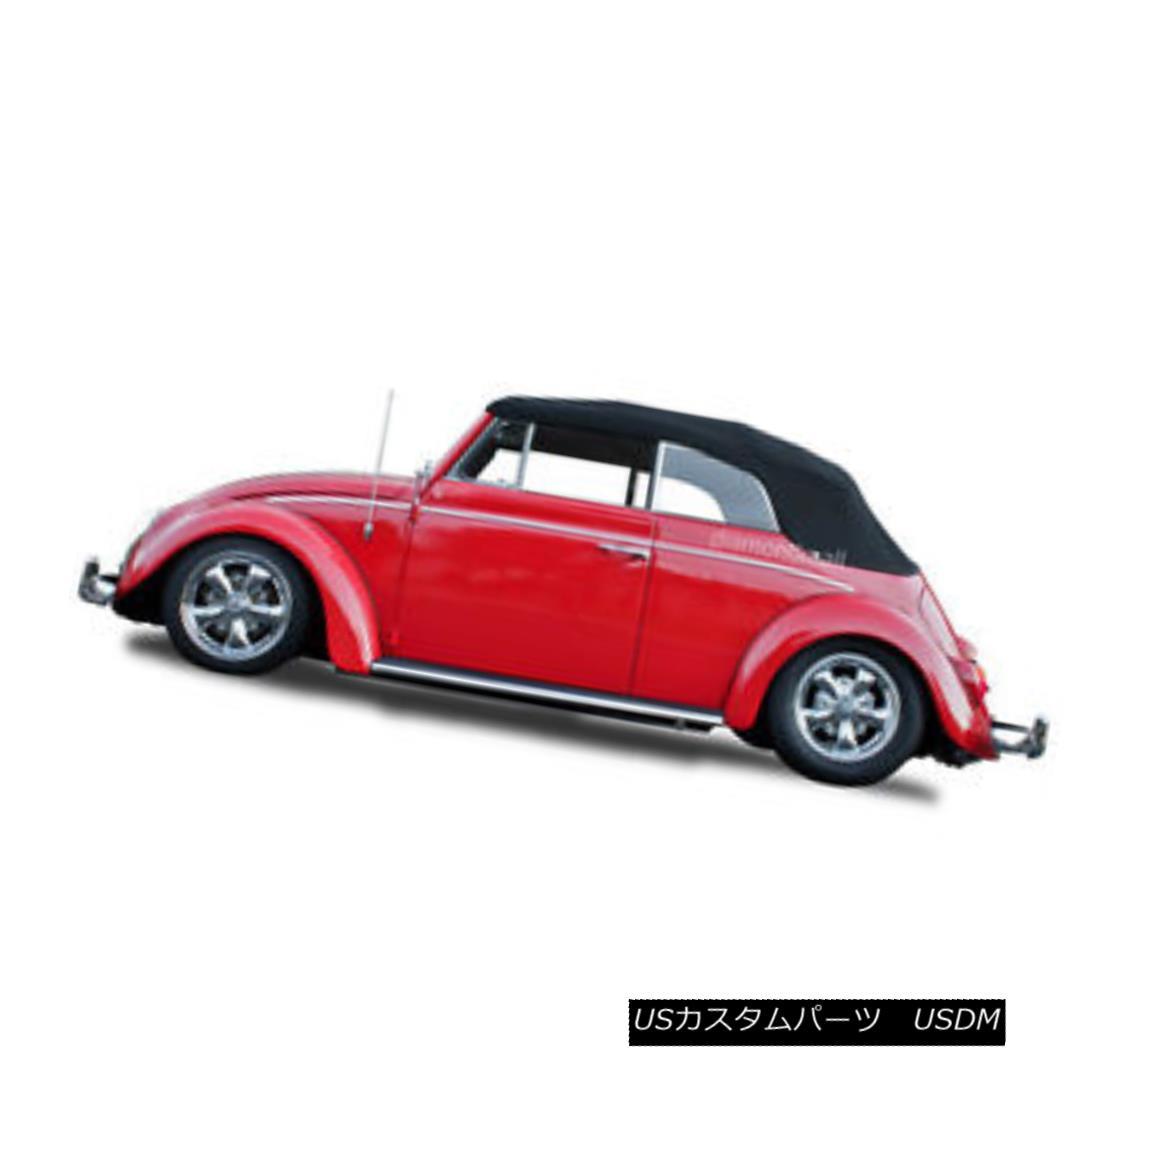 幌・ソフトトップ VW Volkswagen Beetle, Bug 1963-1967 convertible soft top Black Stayfast Cloth VWフォルクスワーゲンビートル、バグ1963-1967コンバーチブルソフトトップブラックステイファストクロス